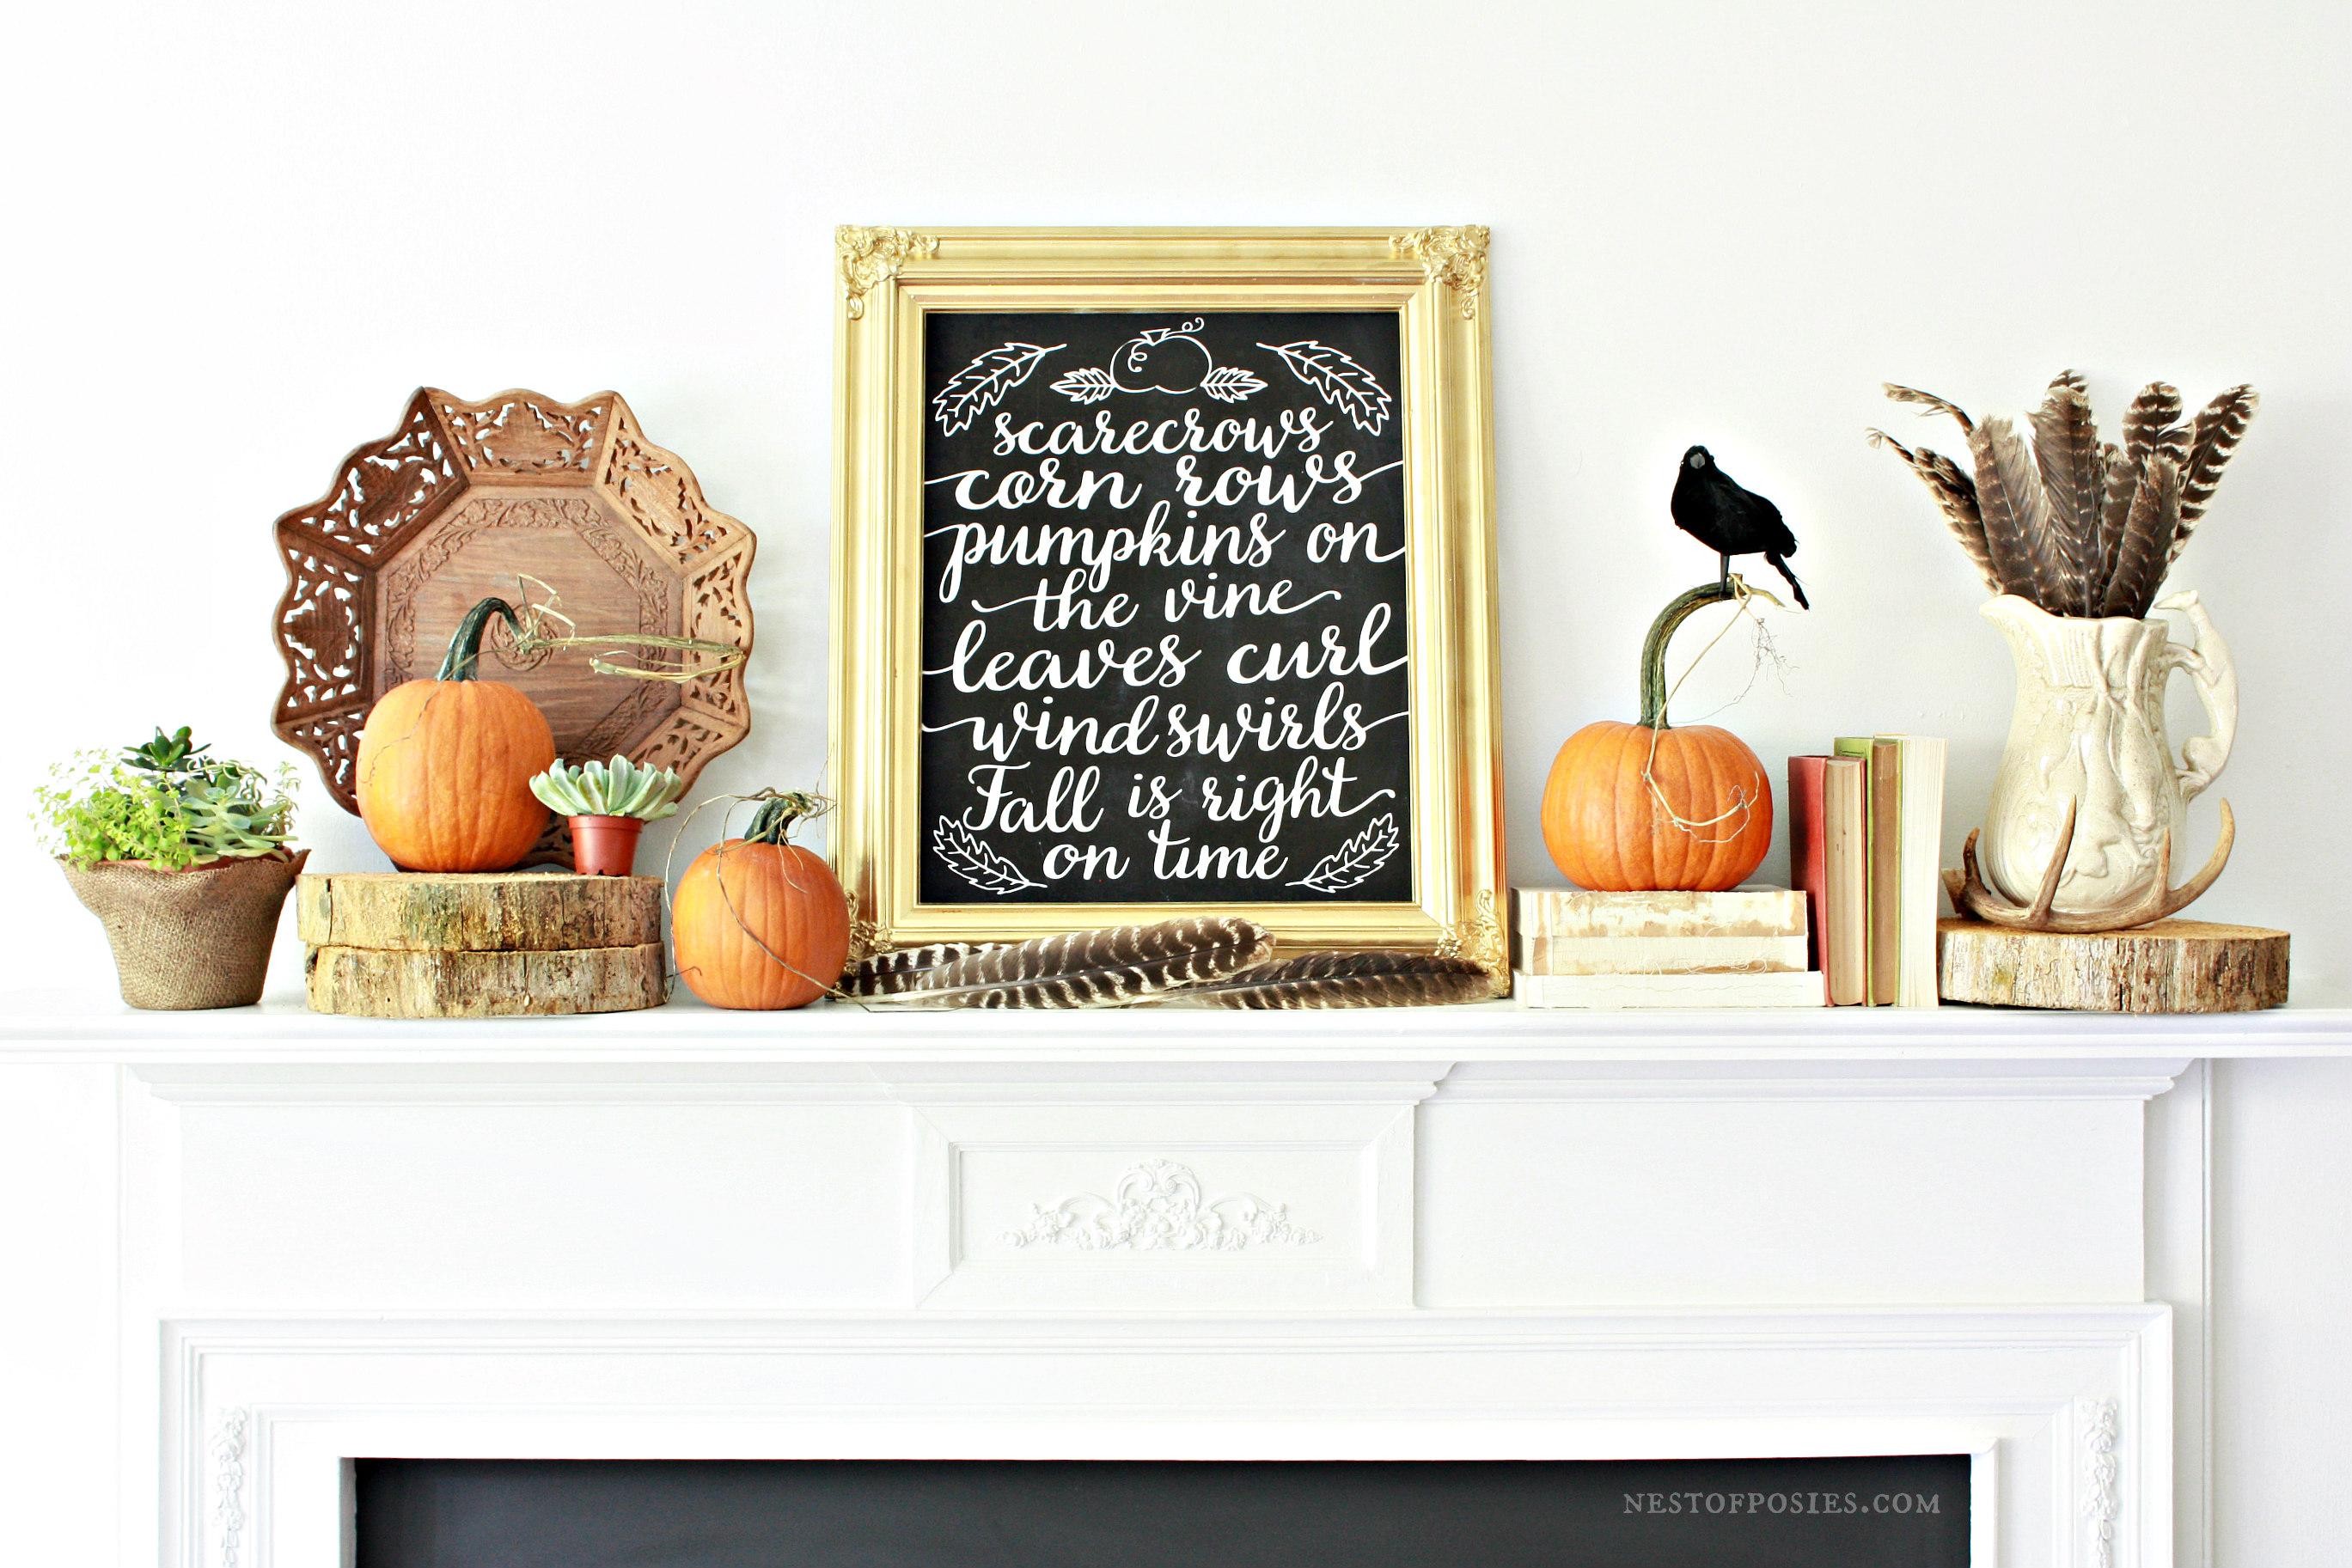 All things Natural and Fall Mantel Display